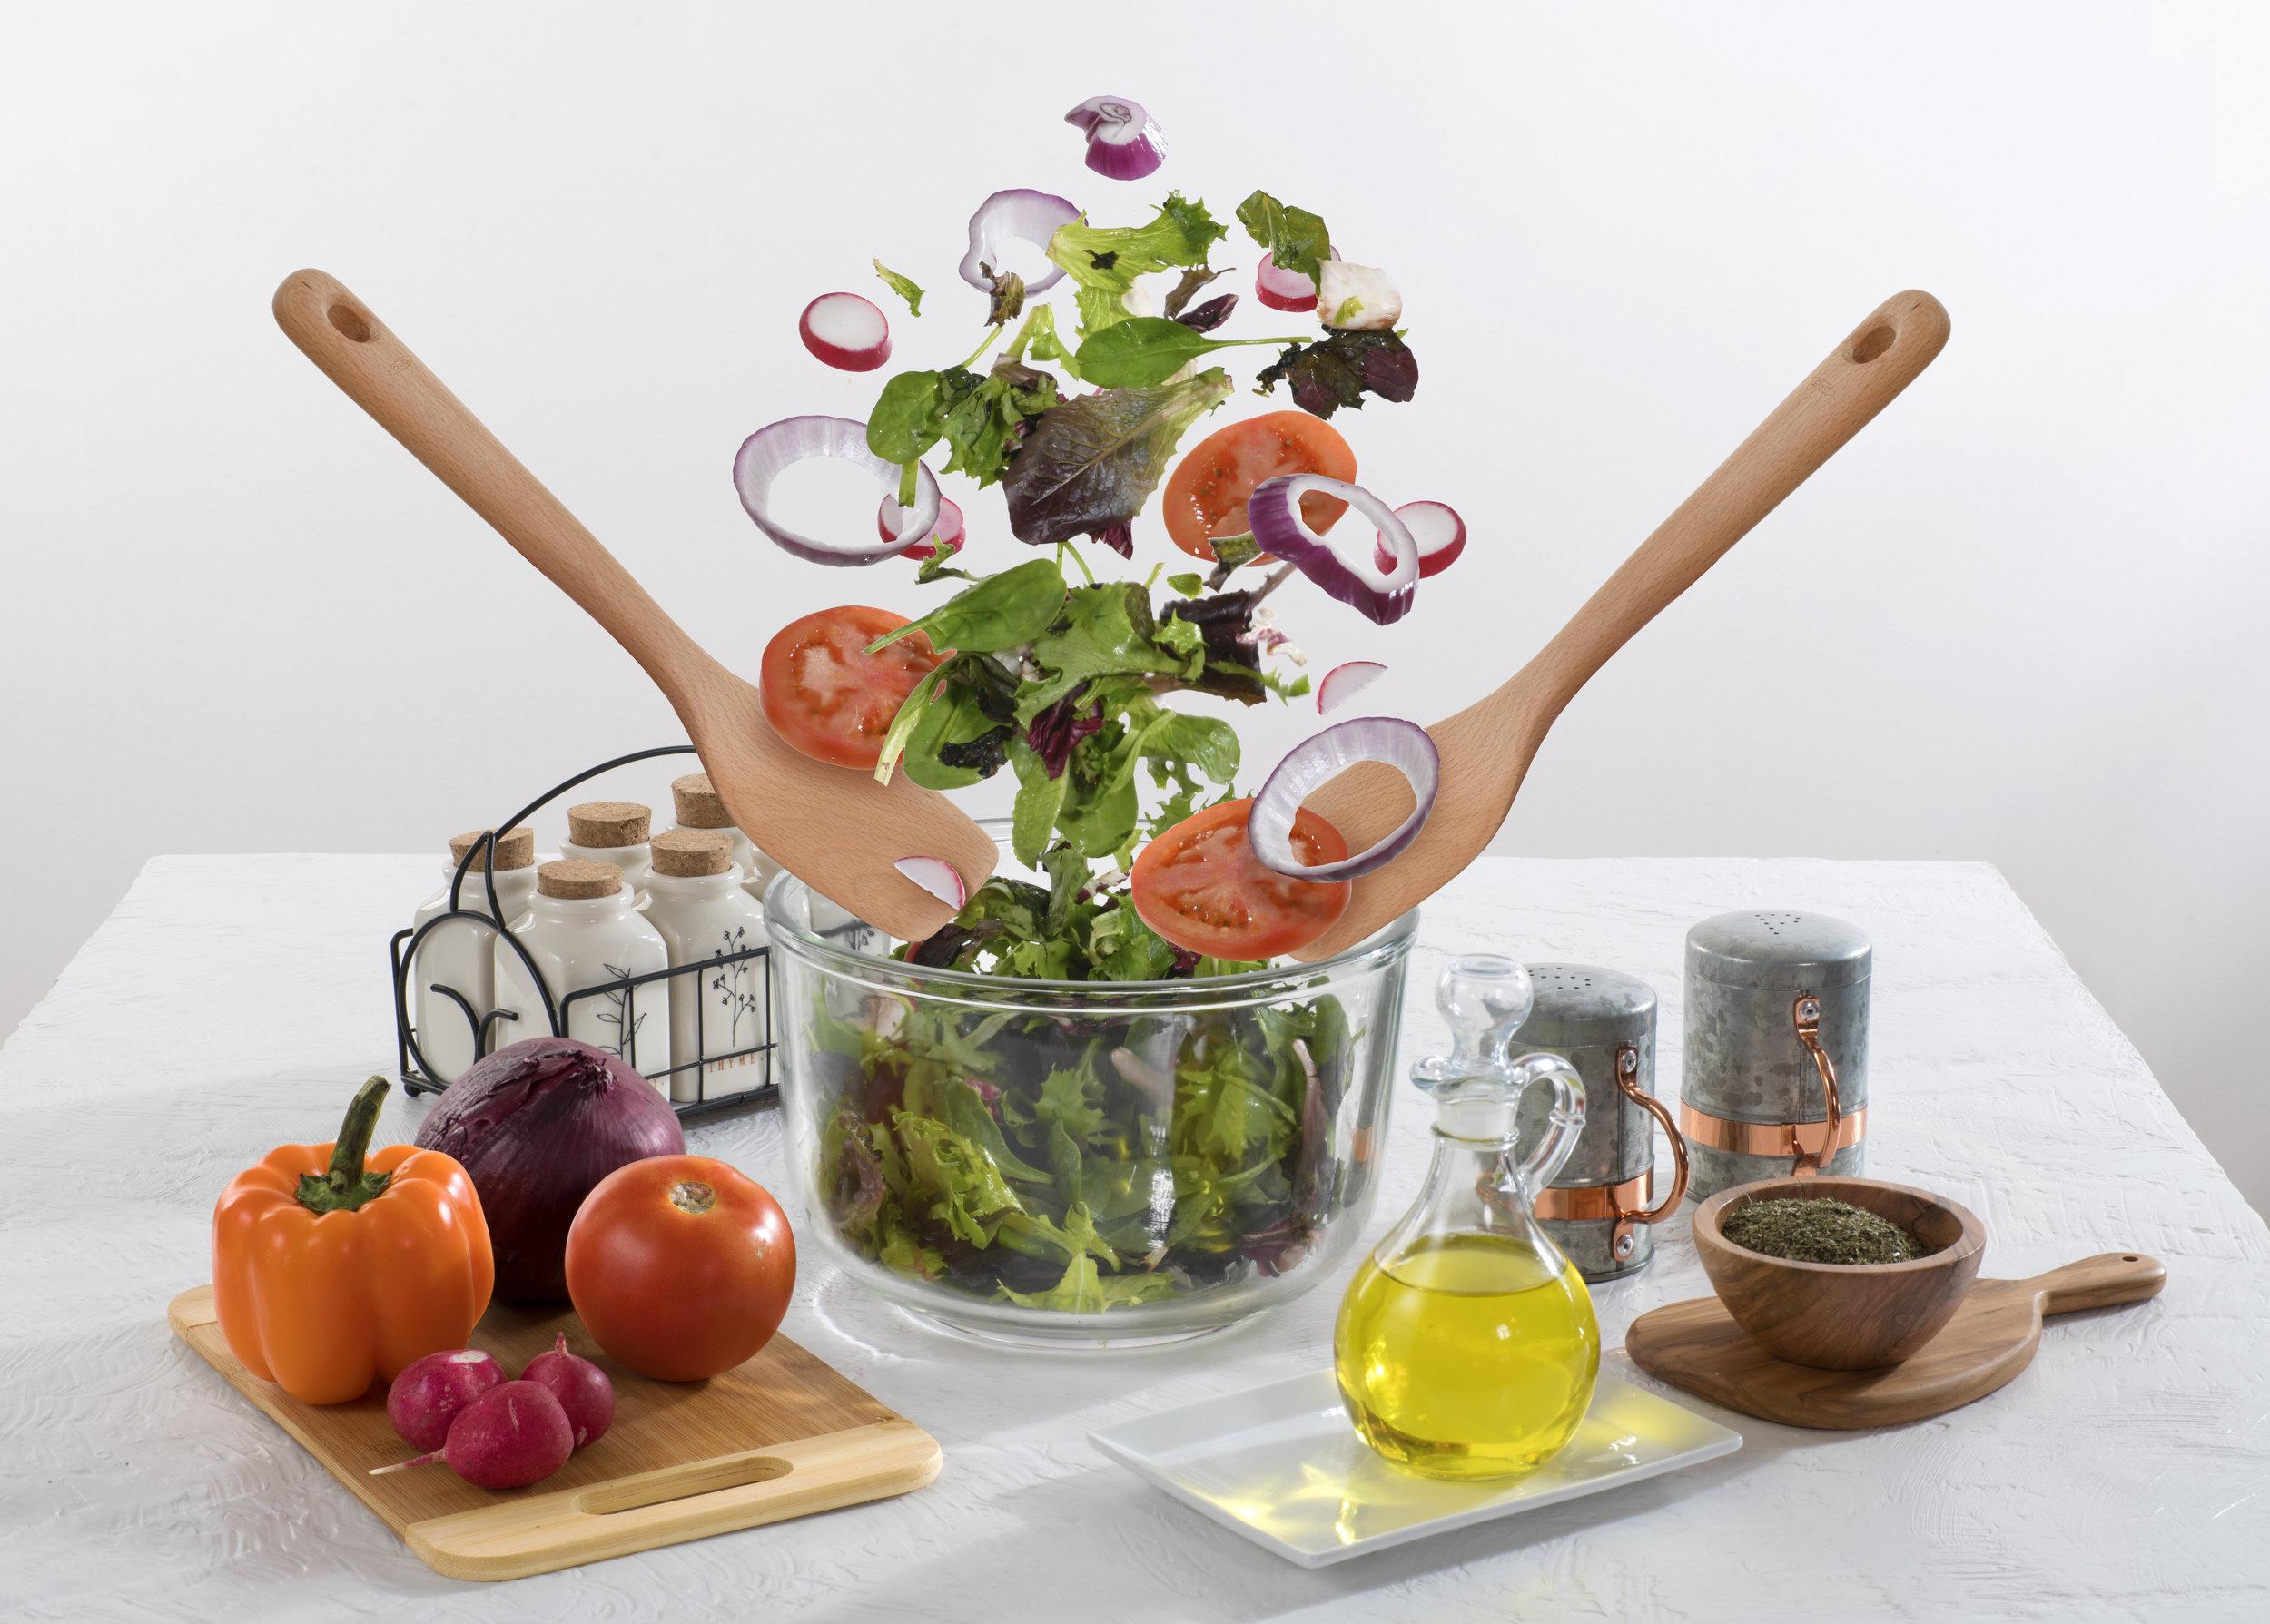 Recipes! - Click here